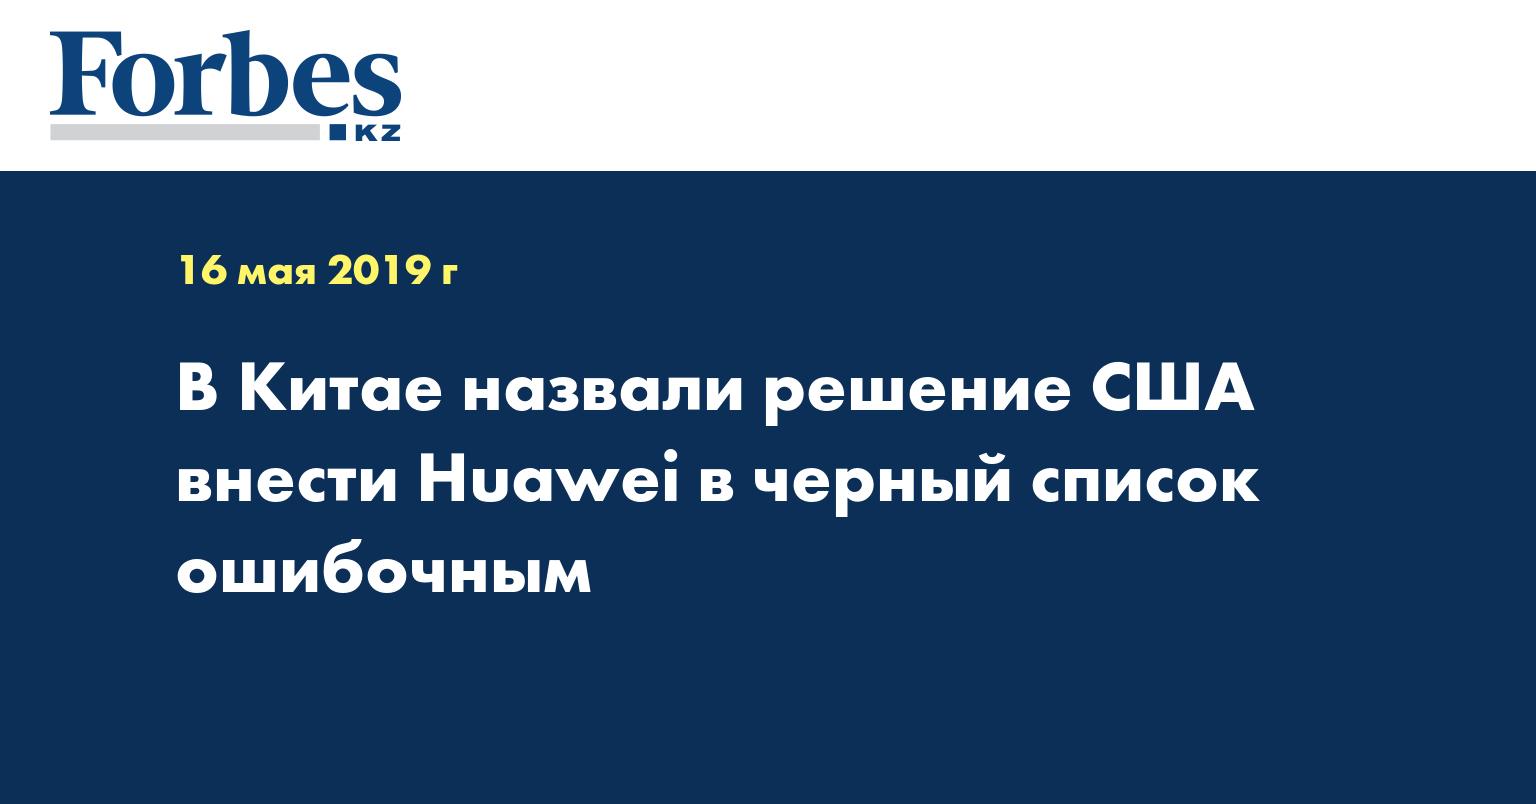 В Китае назвали решение США внести Huawei в черный список ошибочным